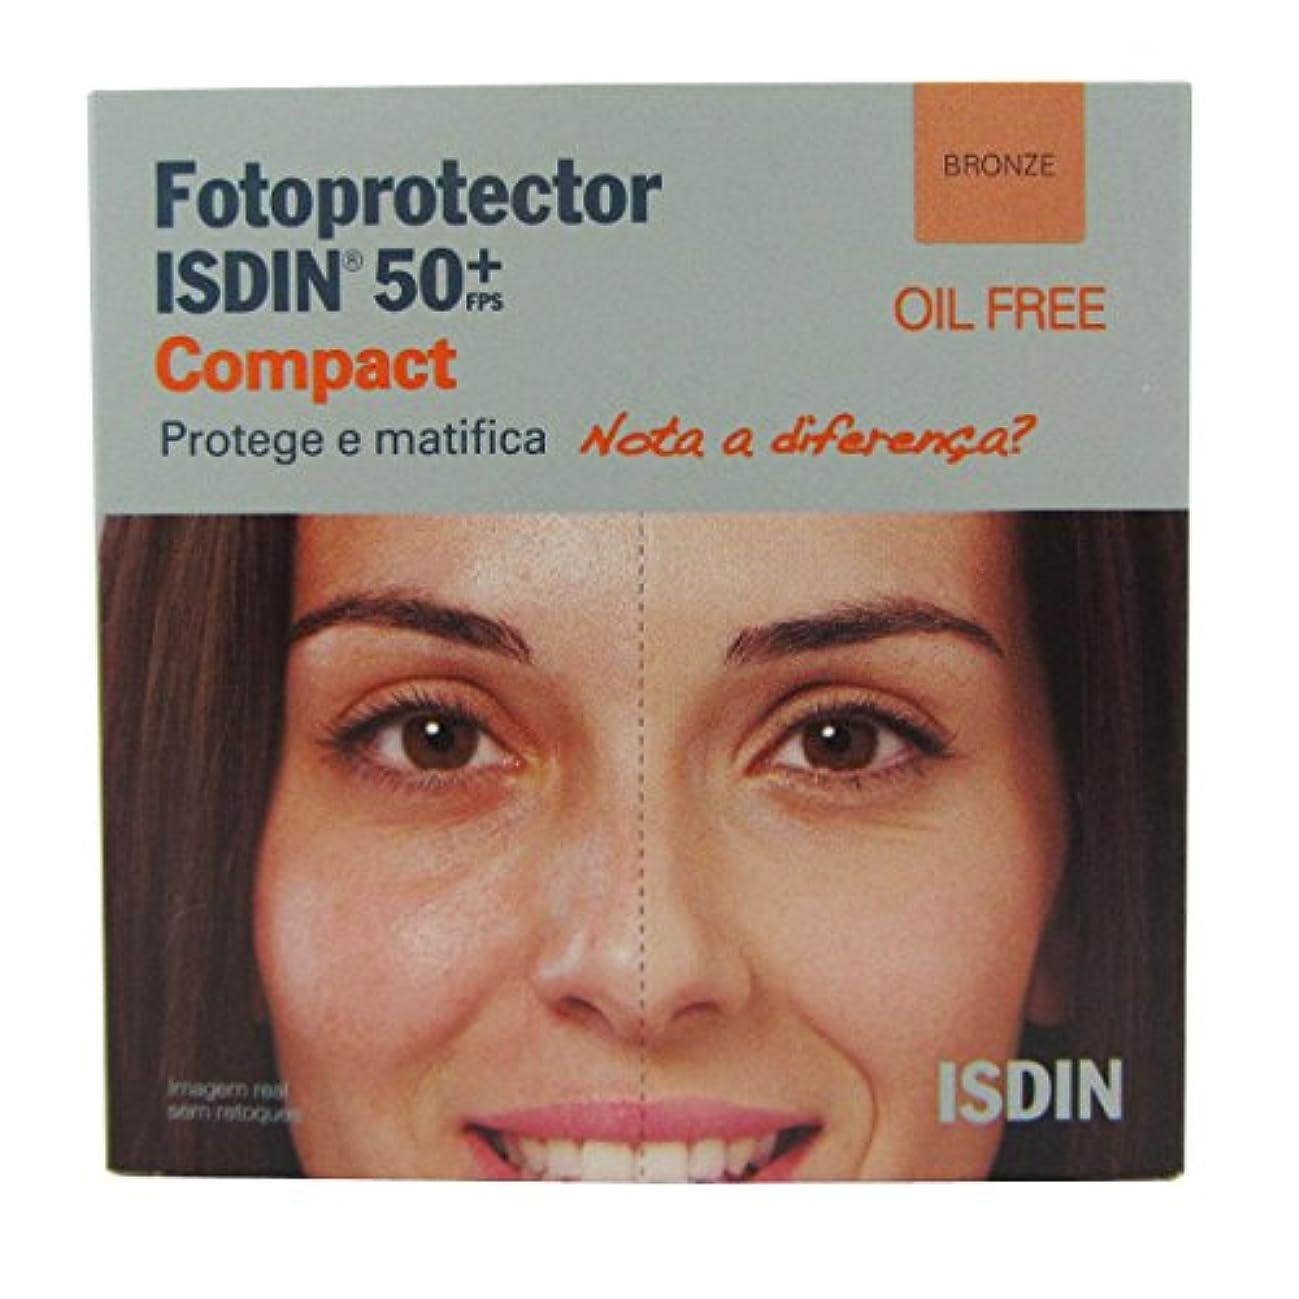 アスレチック間違いなく司書Isdin Photoprotector Compact 50+ Bronz 10g [並行輸入品]